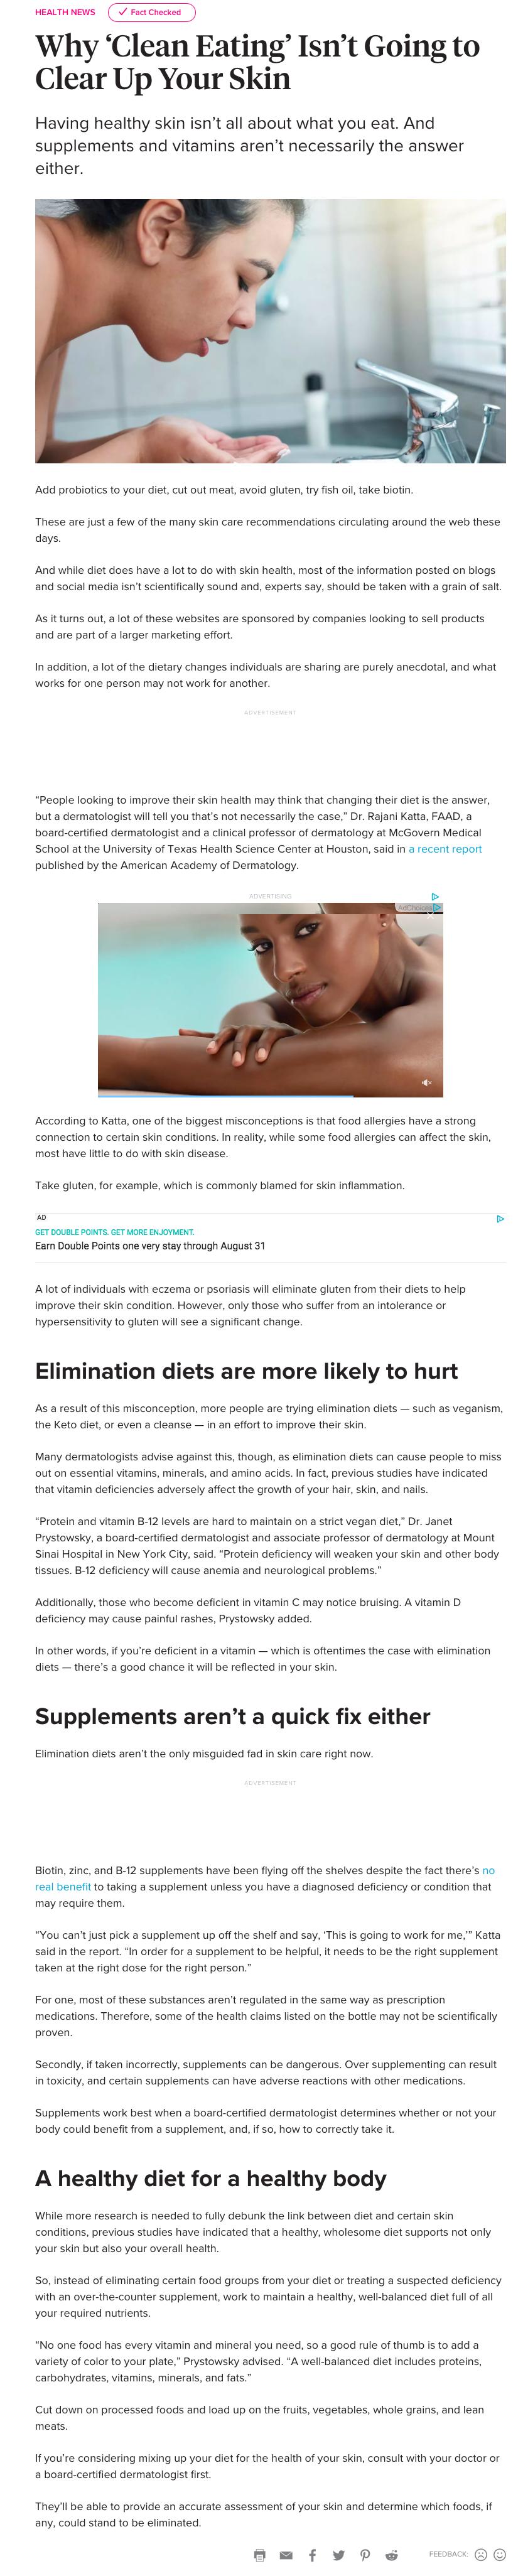 Healthline_Clean Eating.png